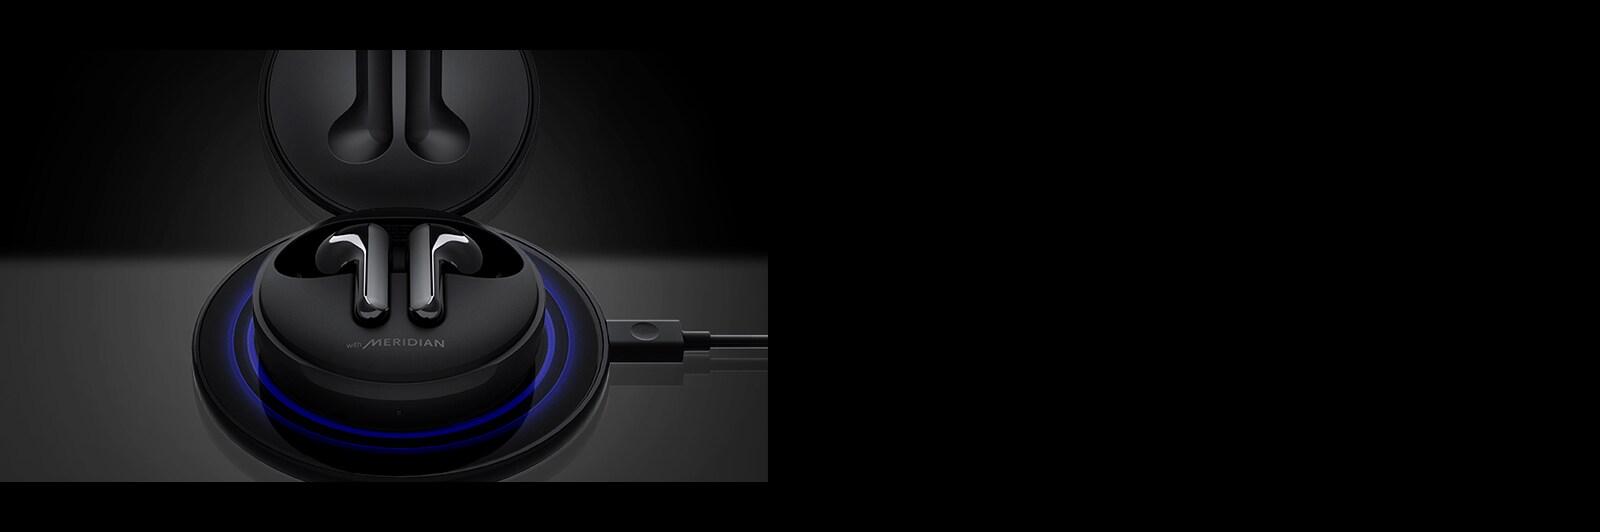 ภาพ LG TONE Free FN6 สีดำที่เปิดอยู่ กำลังชาร์จอยู่บนแผ่นชาร์จไร้สายสีดำ พร้อมด้วยแสงไฟสีฟ้า